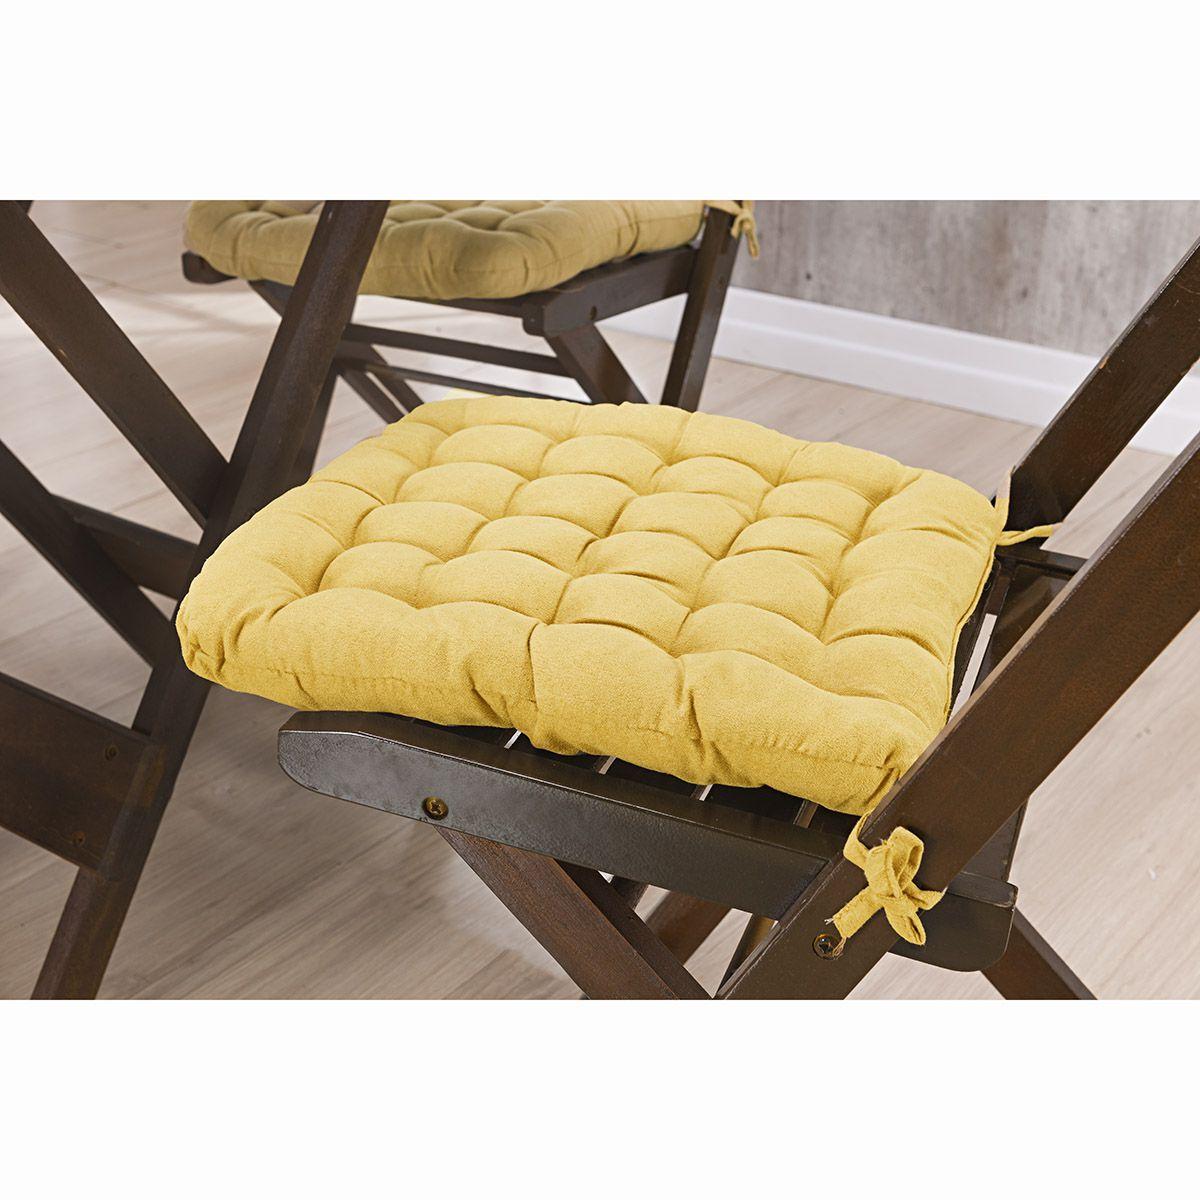 Assento P/ Cadeira - Futton - Kalamar - 40cm x 40cm - Amarelo - Niazitex